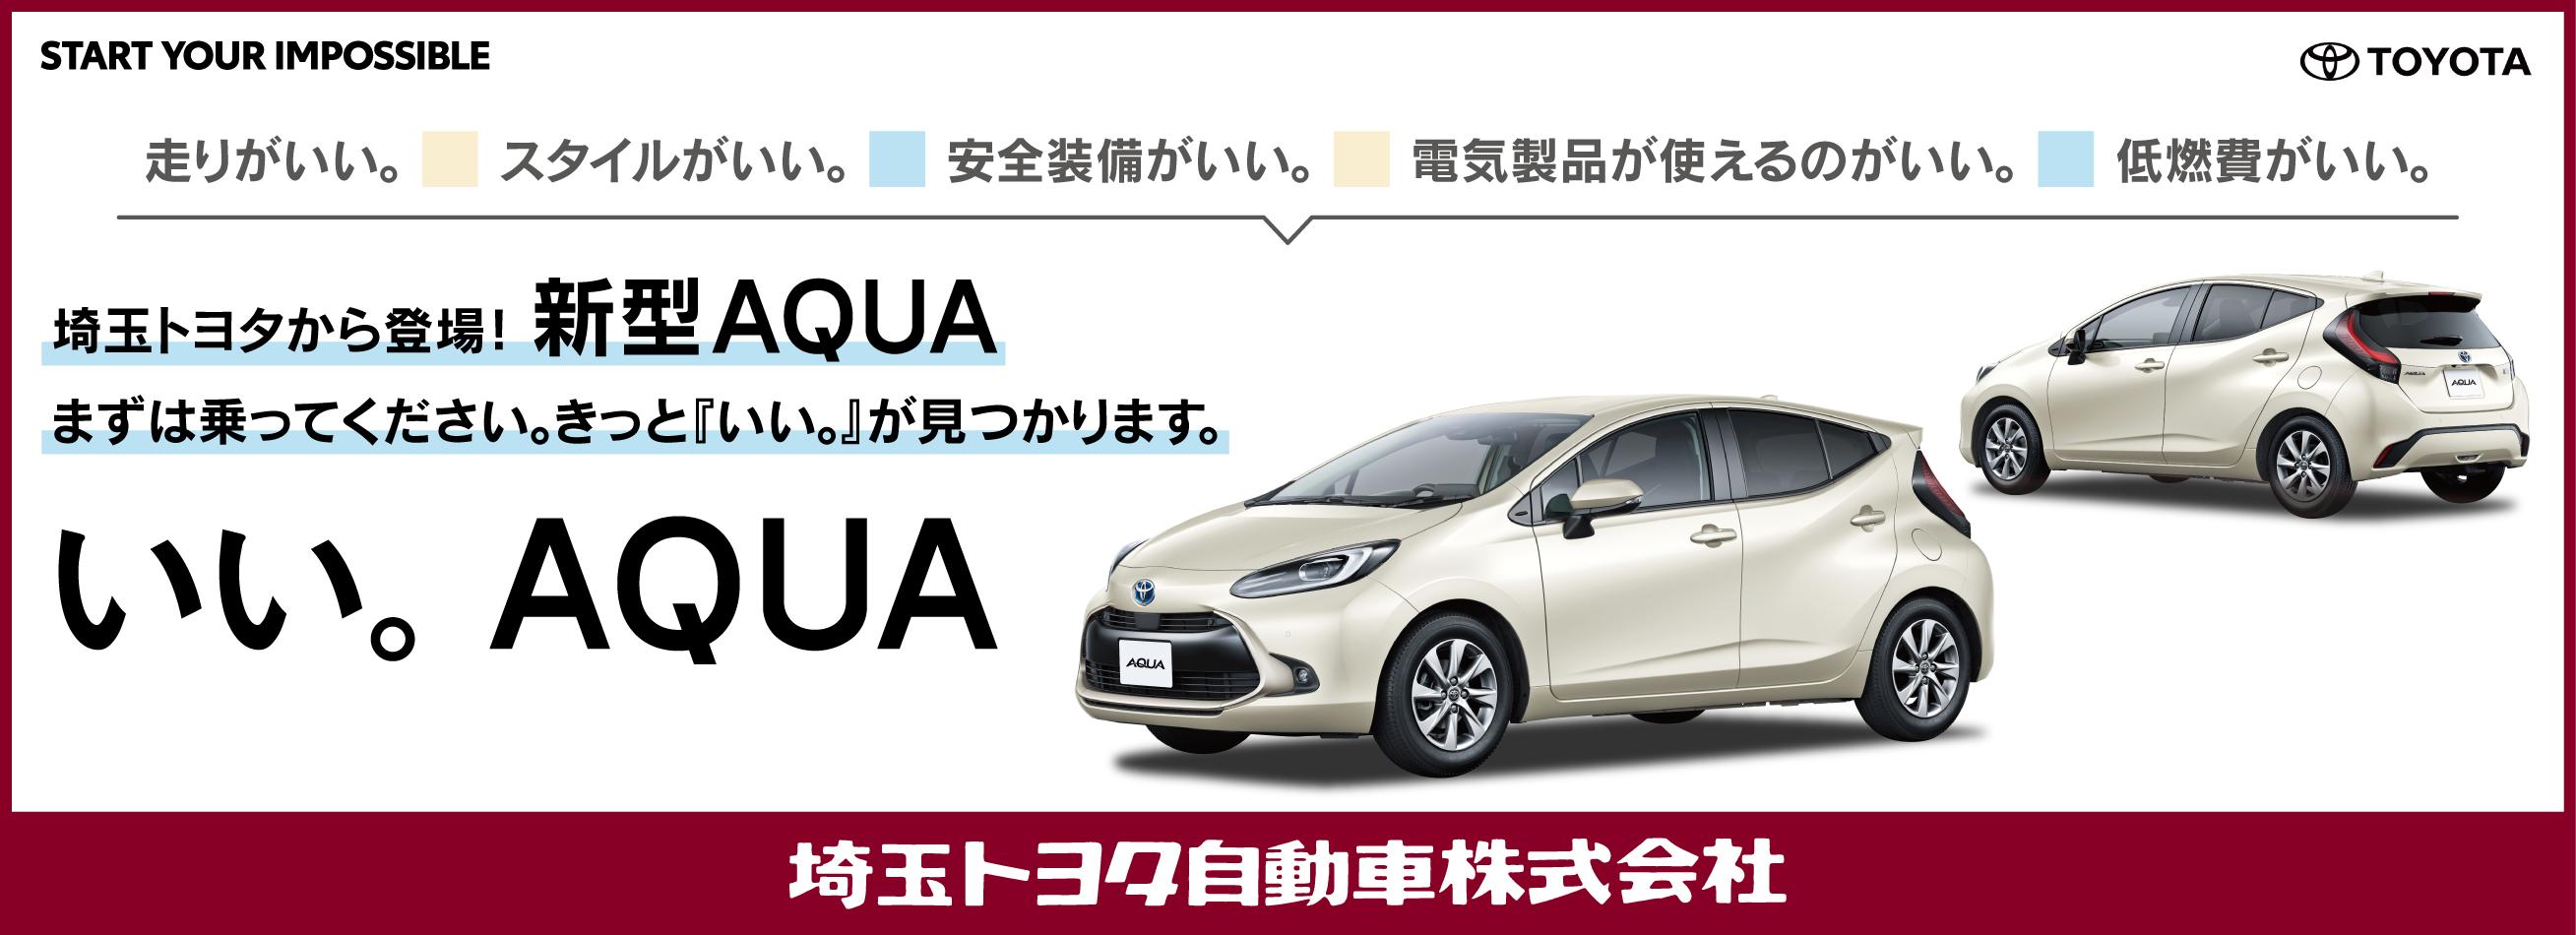 埼玉トヨタから登場!新型AQUA